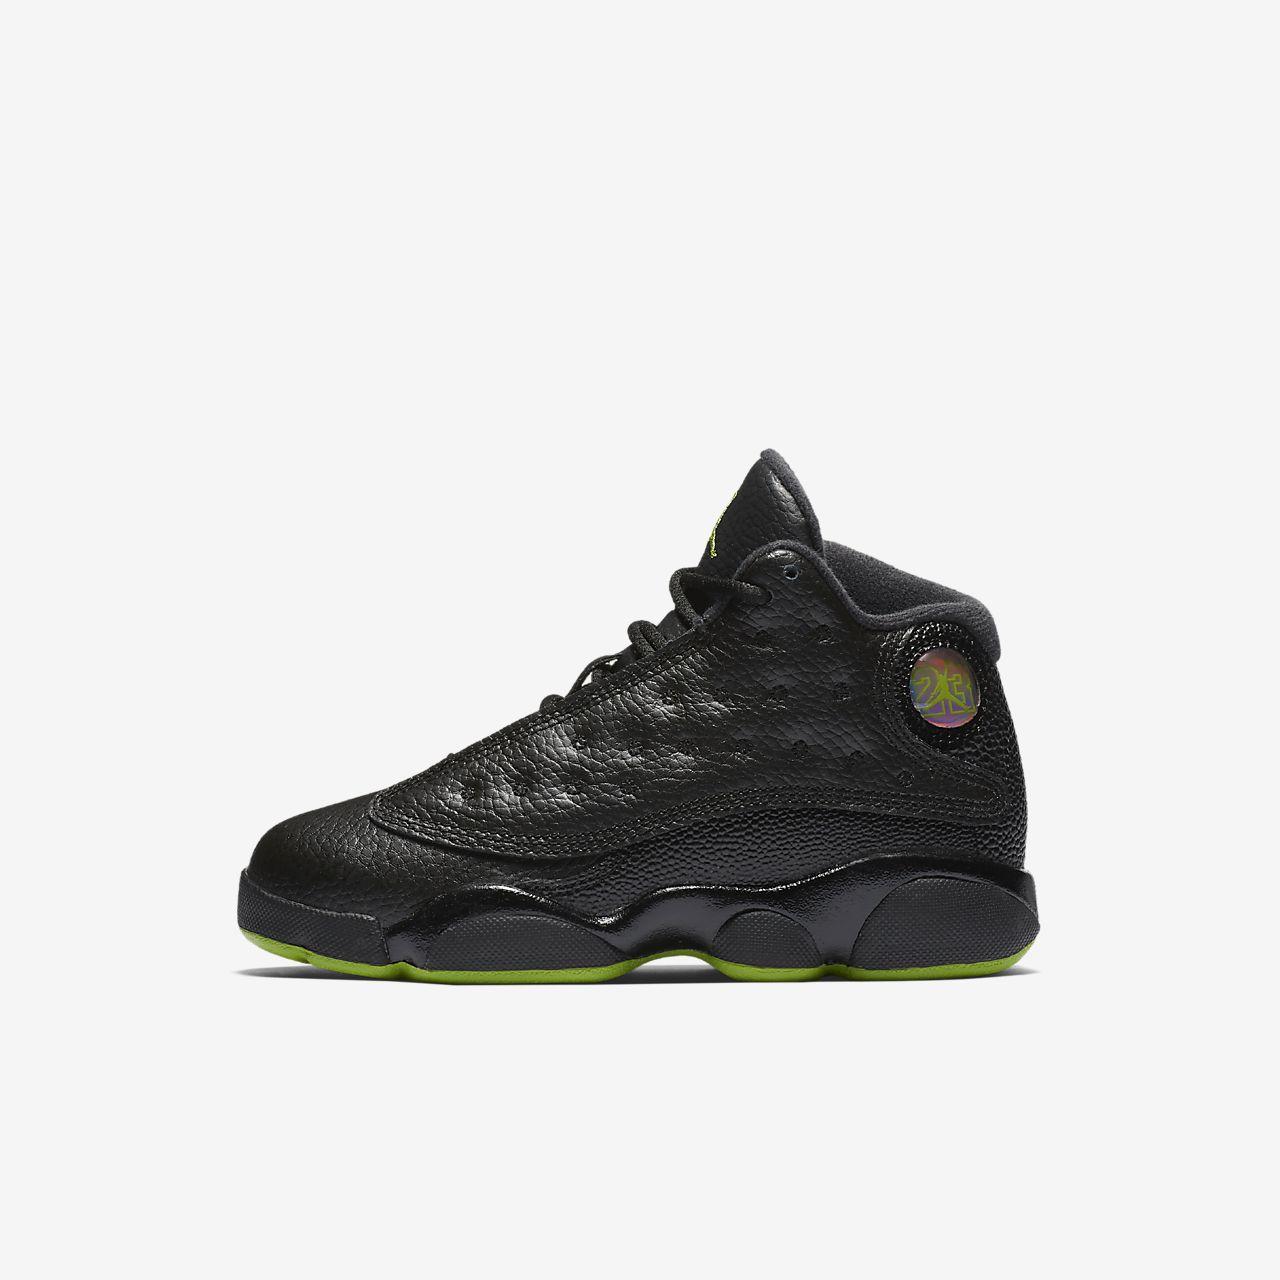 premium selection 9170a e4f07 ... Air Jordan 13 Retro Younger Boys  Shoe